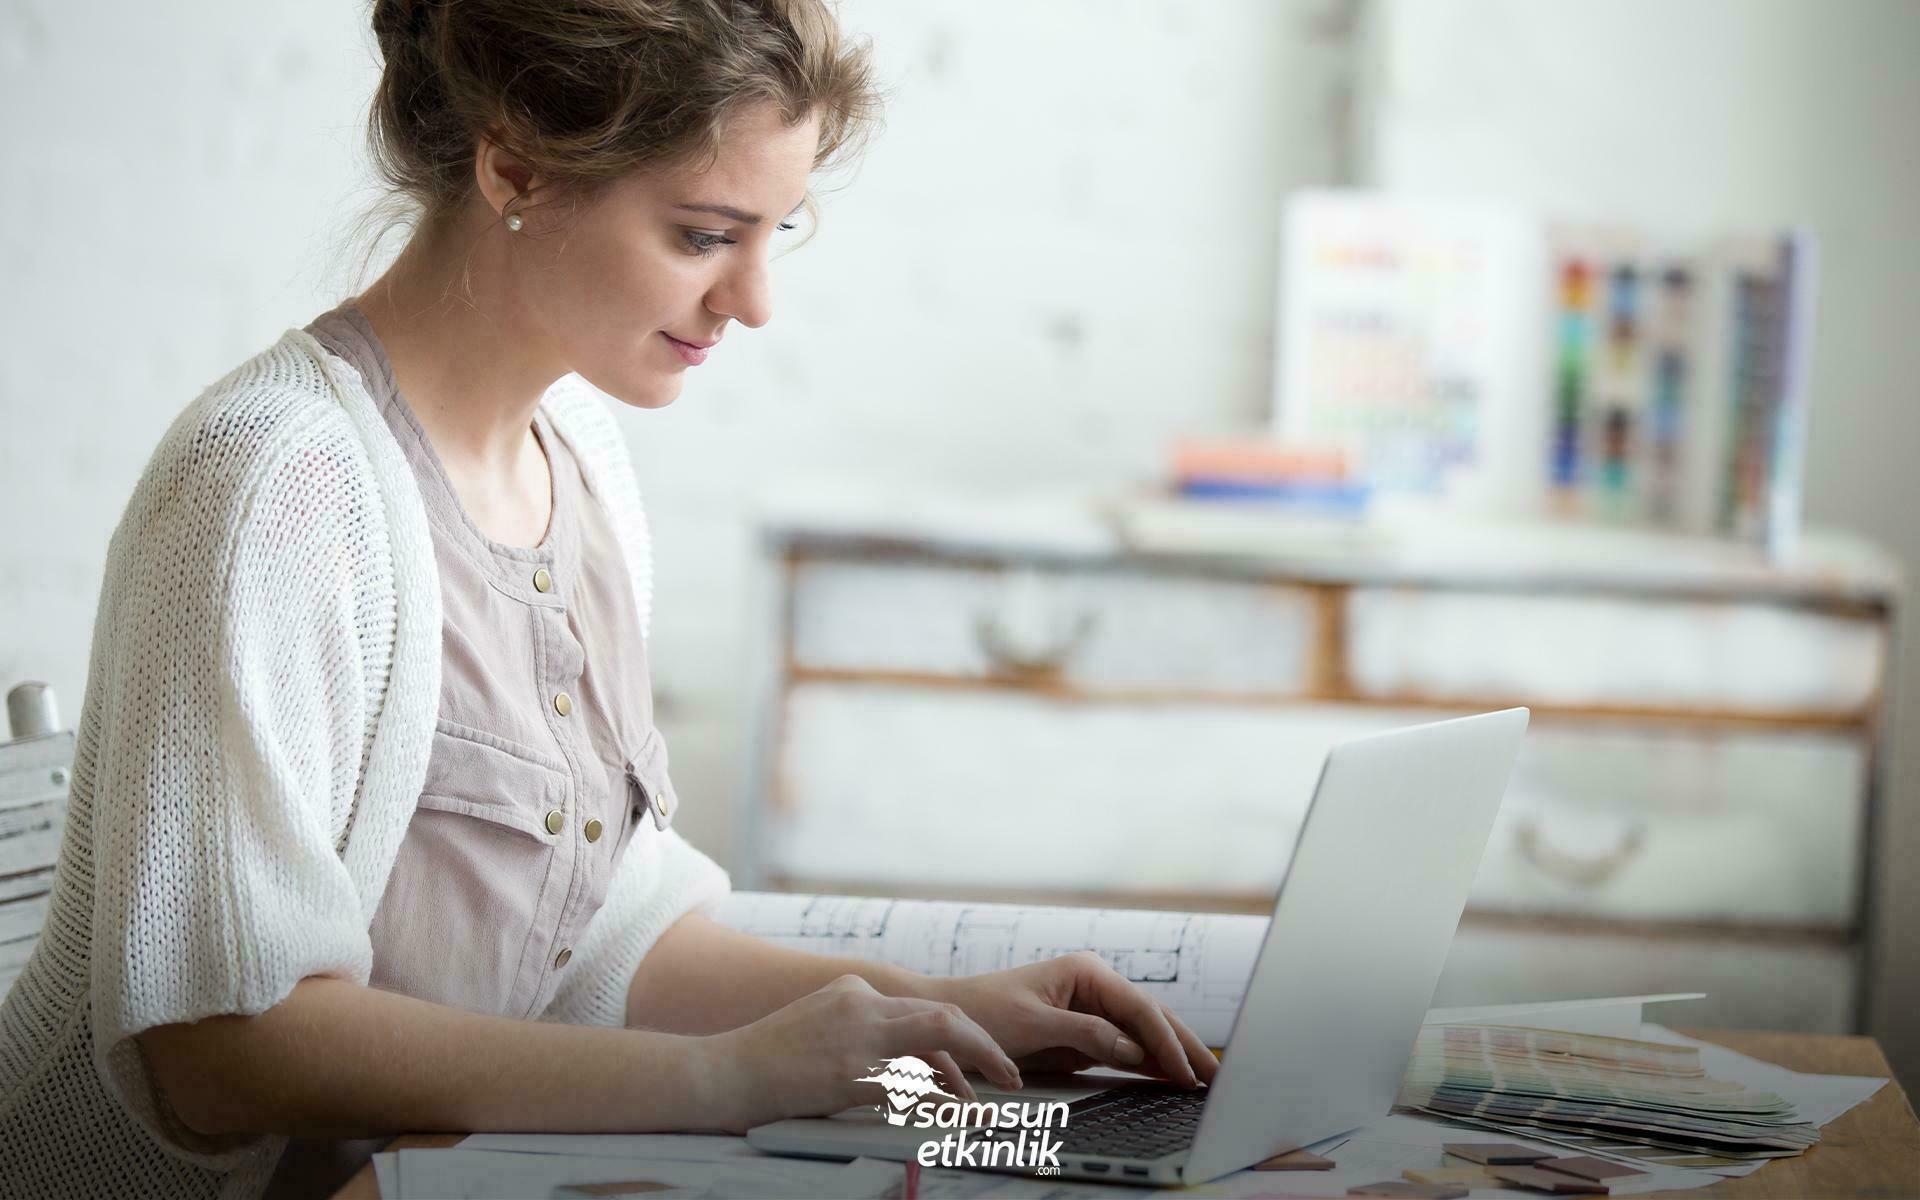 İngilizce Öğrenenlerin Mutlaka Ziyaret Etmesi Gereken 8 Web Sitesi